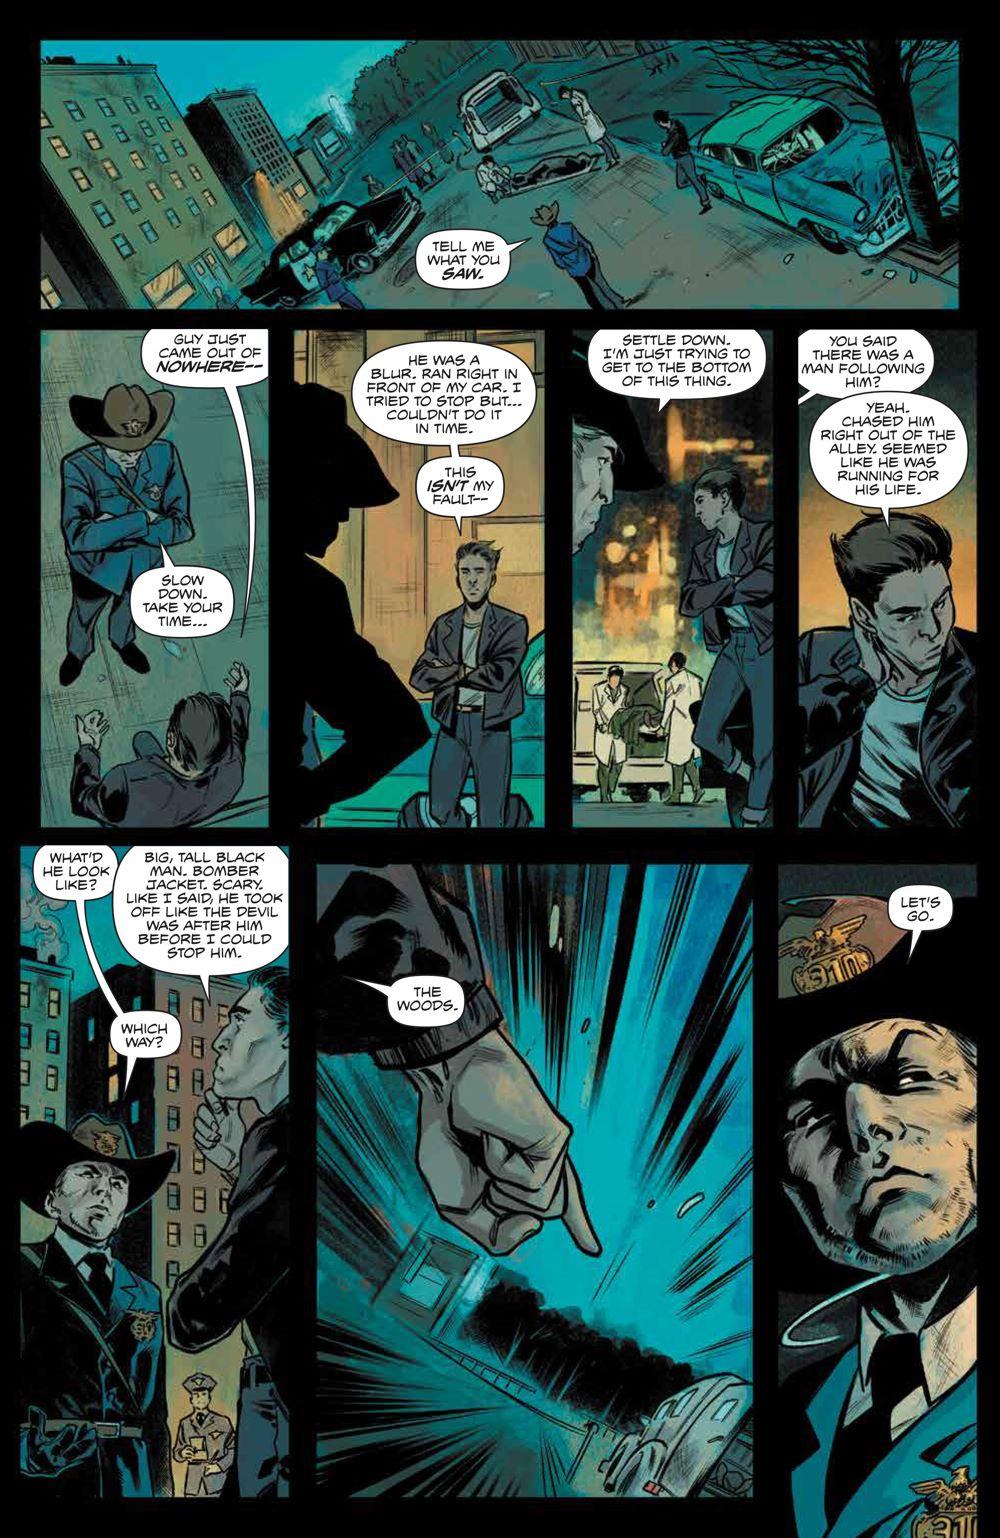 DarkBlood_003_PRESS_7 ComicList Previews: DARK BLOOD #3 (OF 6)